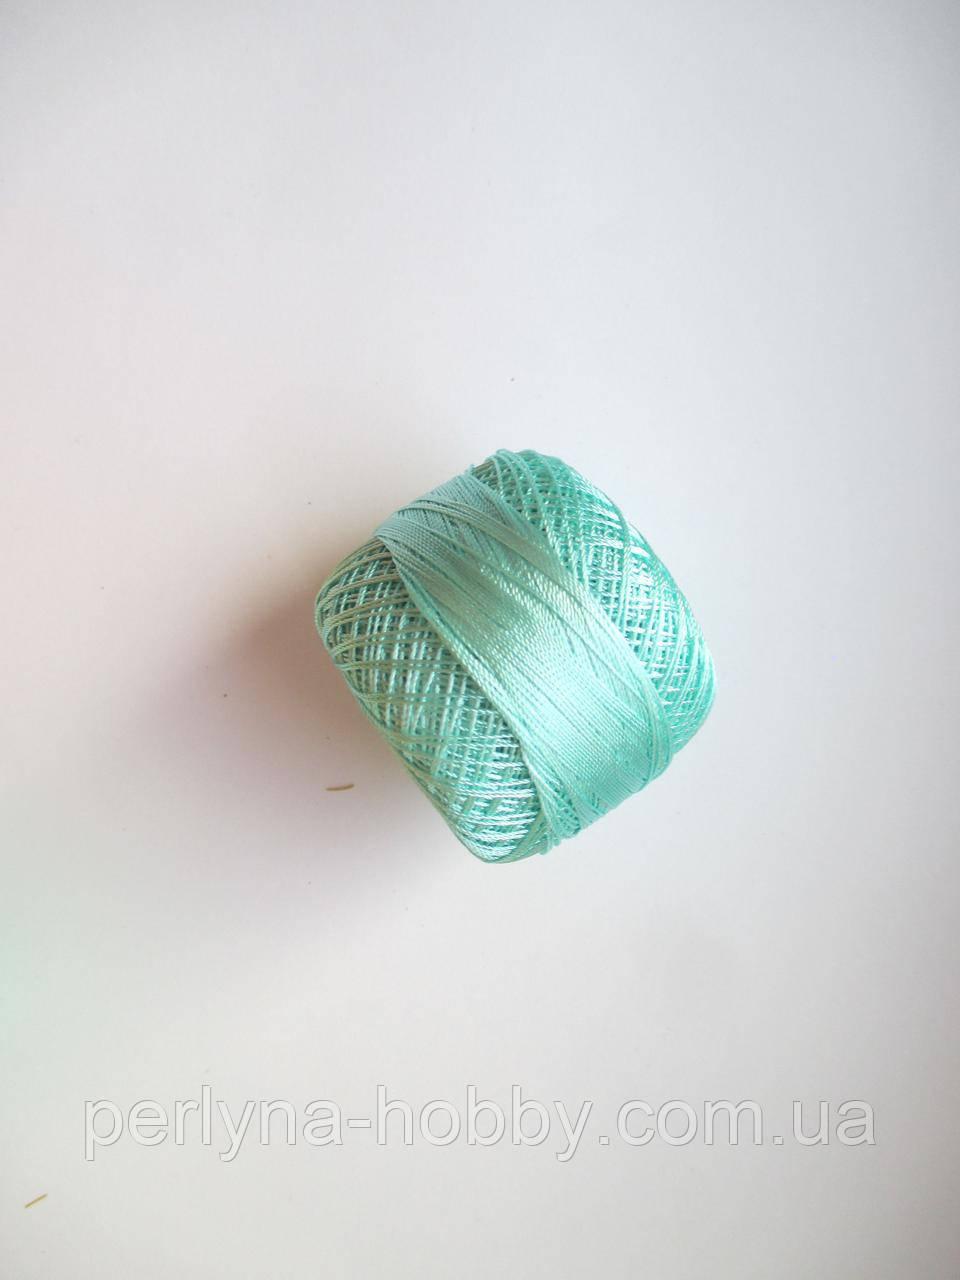 Нитки поліестер (штучний шовк)  для в'язання, вишикання типу Ірис ( Iris ) 20 грам, мятний